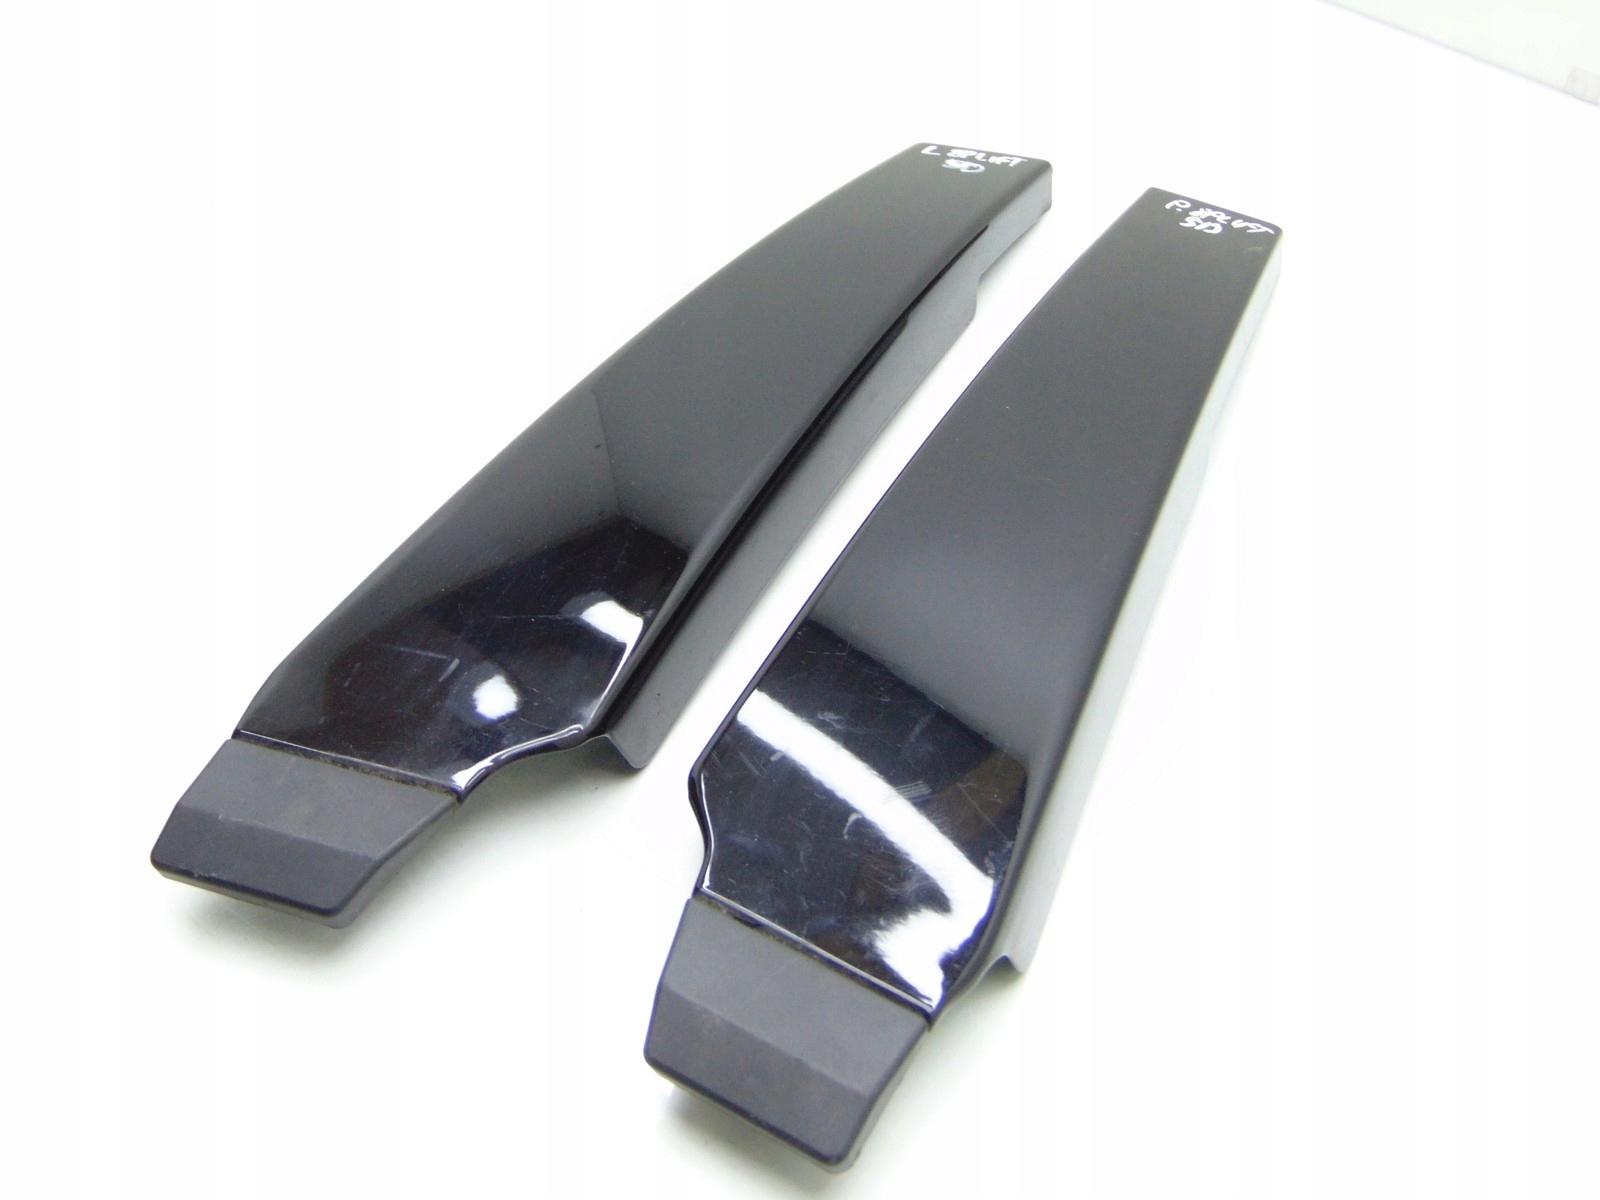 крышка накладка стойки права audi a3 8p lift 5d